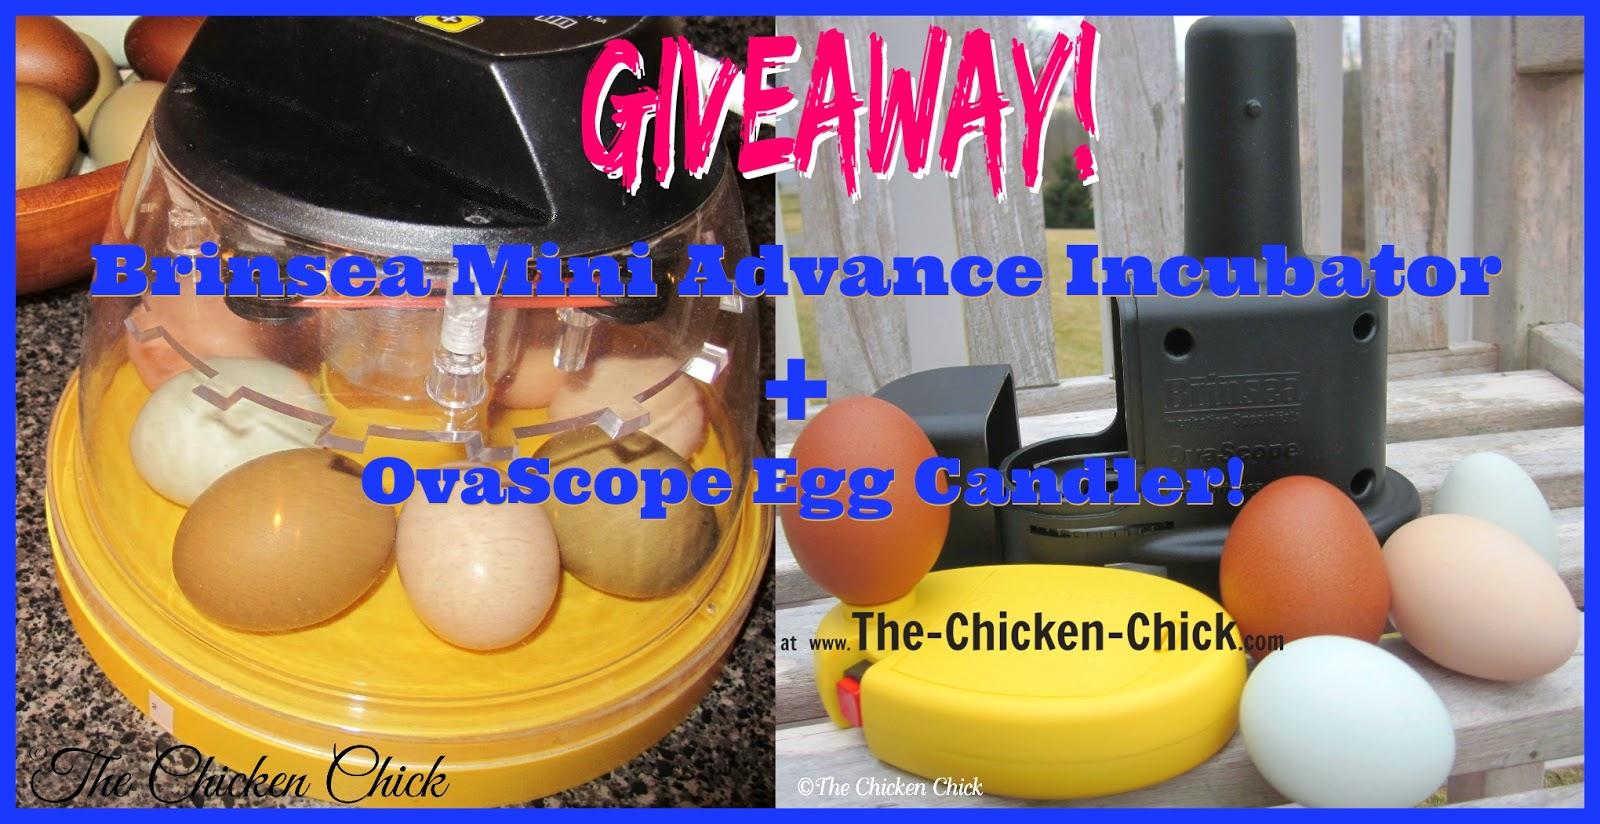 Brinsea Mini Advance Incubator AND OvaScope Egg Candler GIVEAWAY!